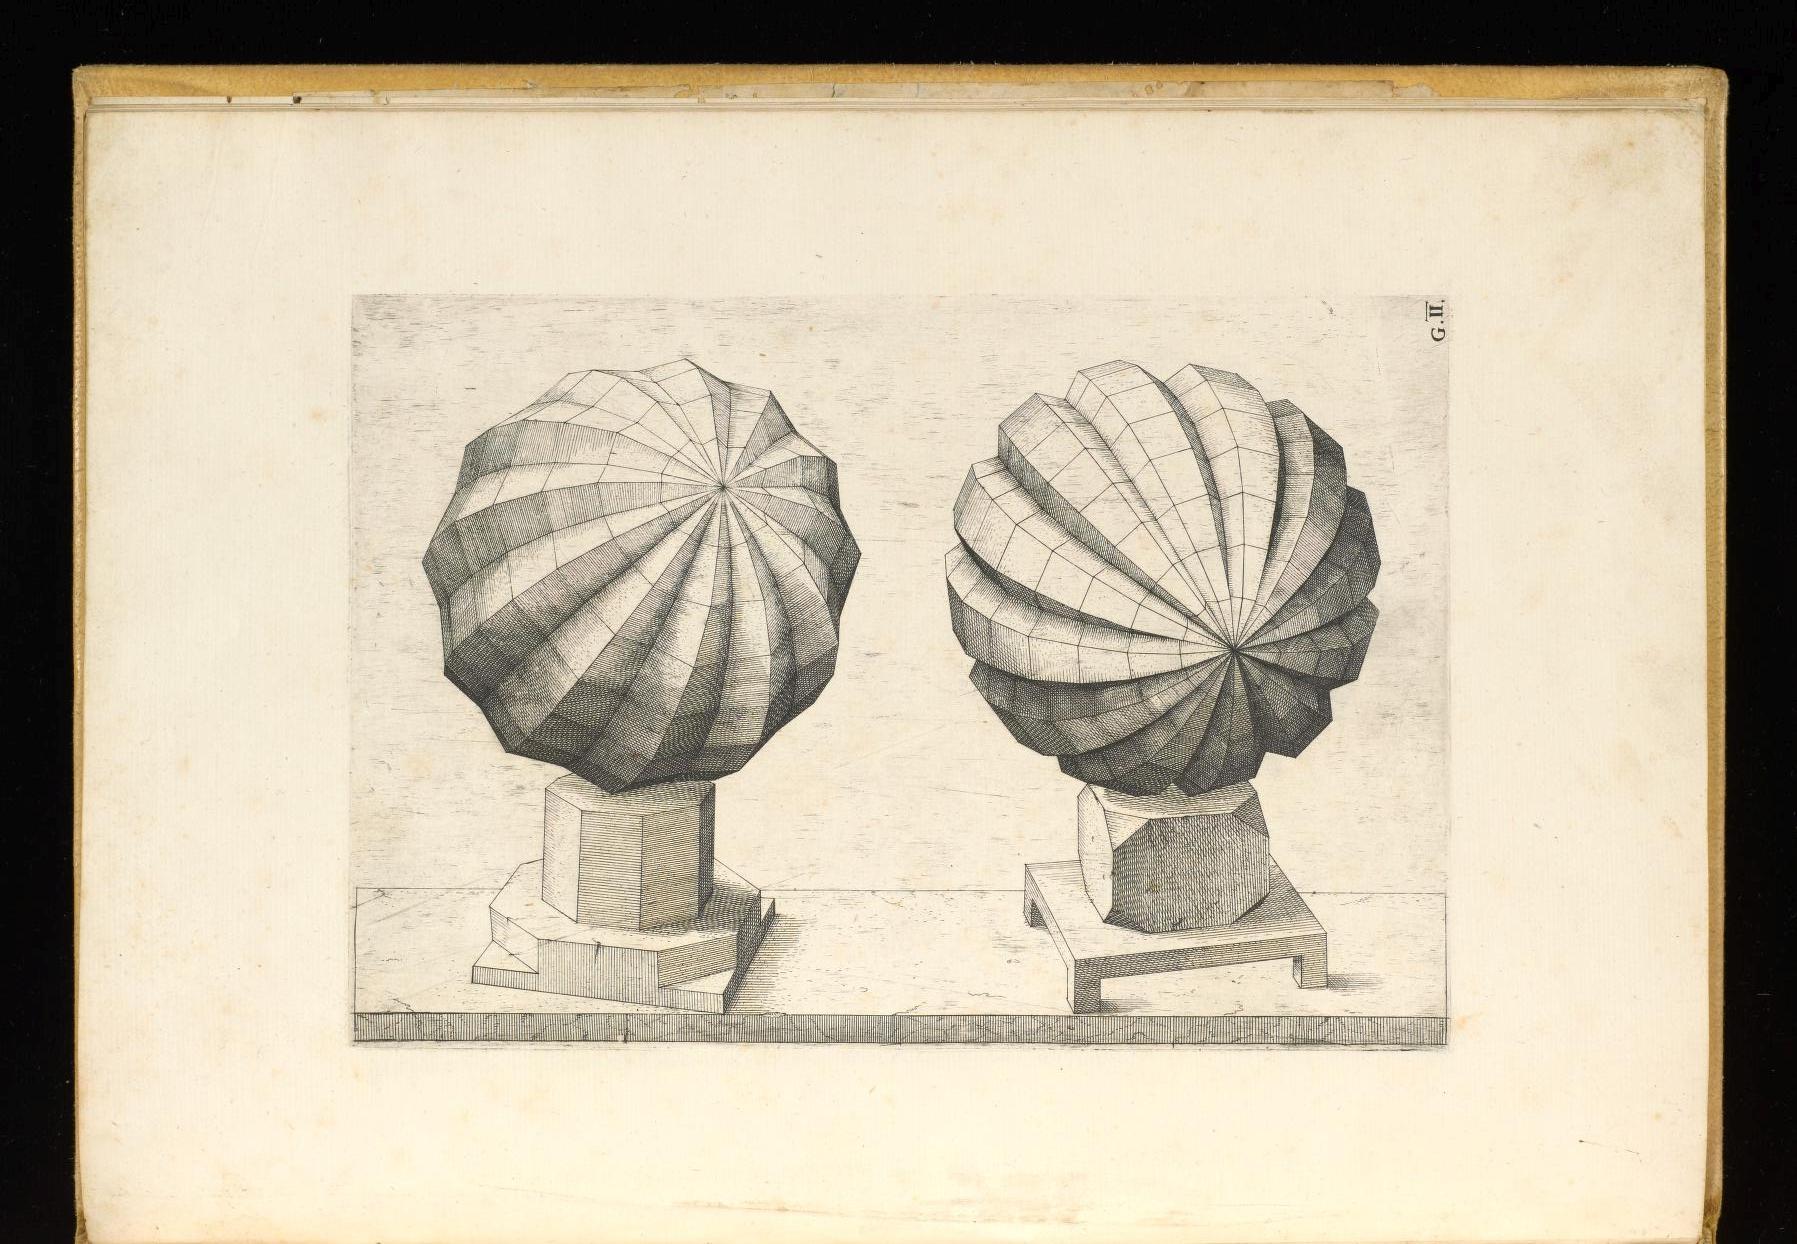 Perspectiua-corporum-regularium-86